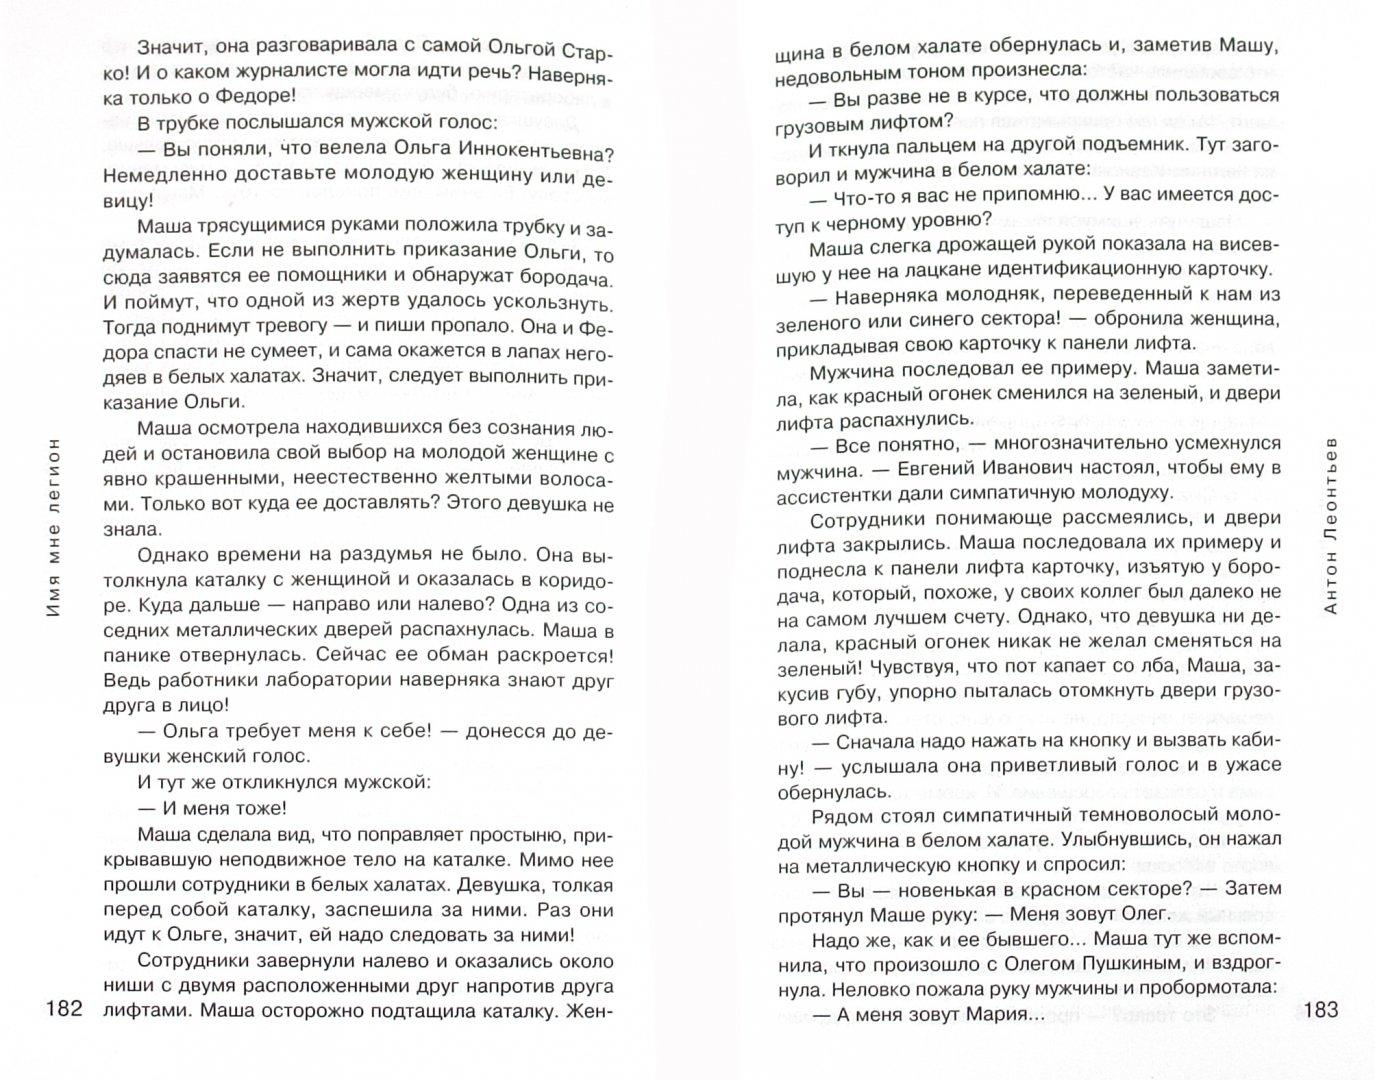 Иллюстрация 1 из 2 для Имя мне легион - Антон Леонтьев | Лабиринт - книги. Источник: Лабиринт